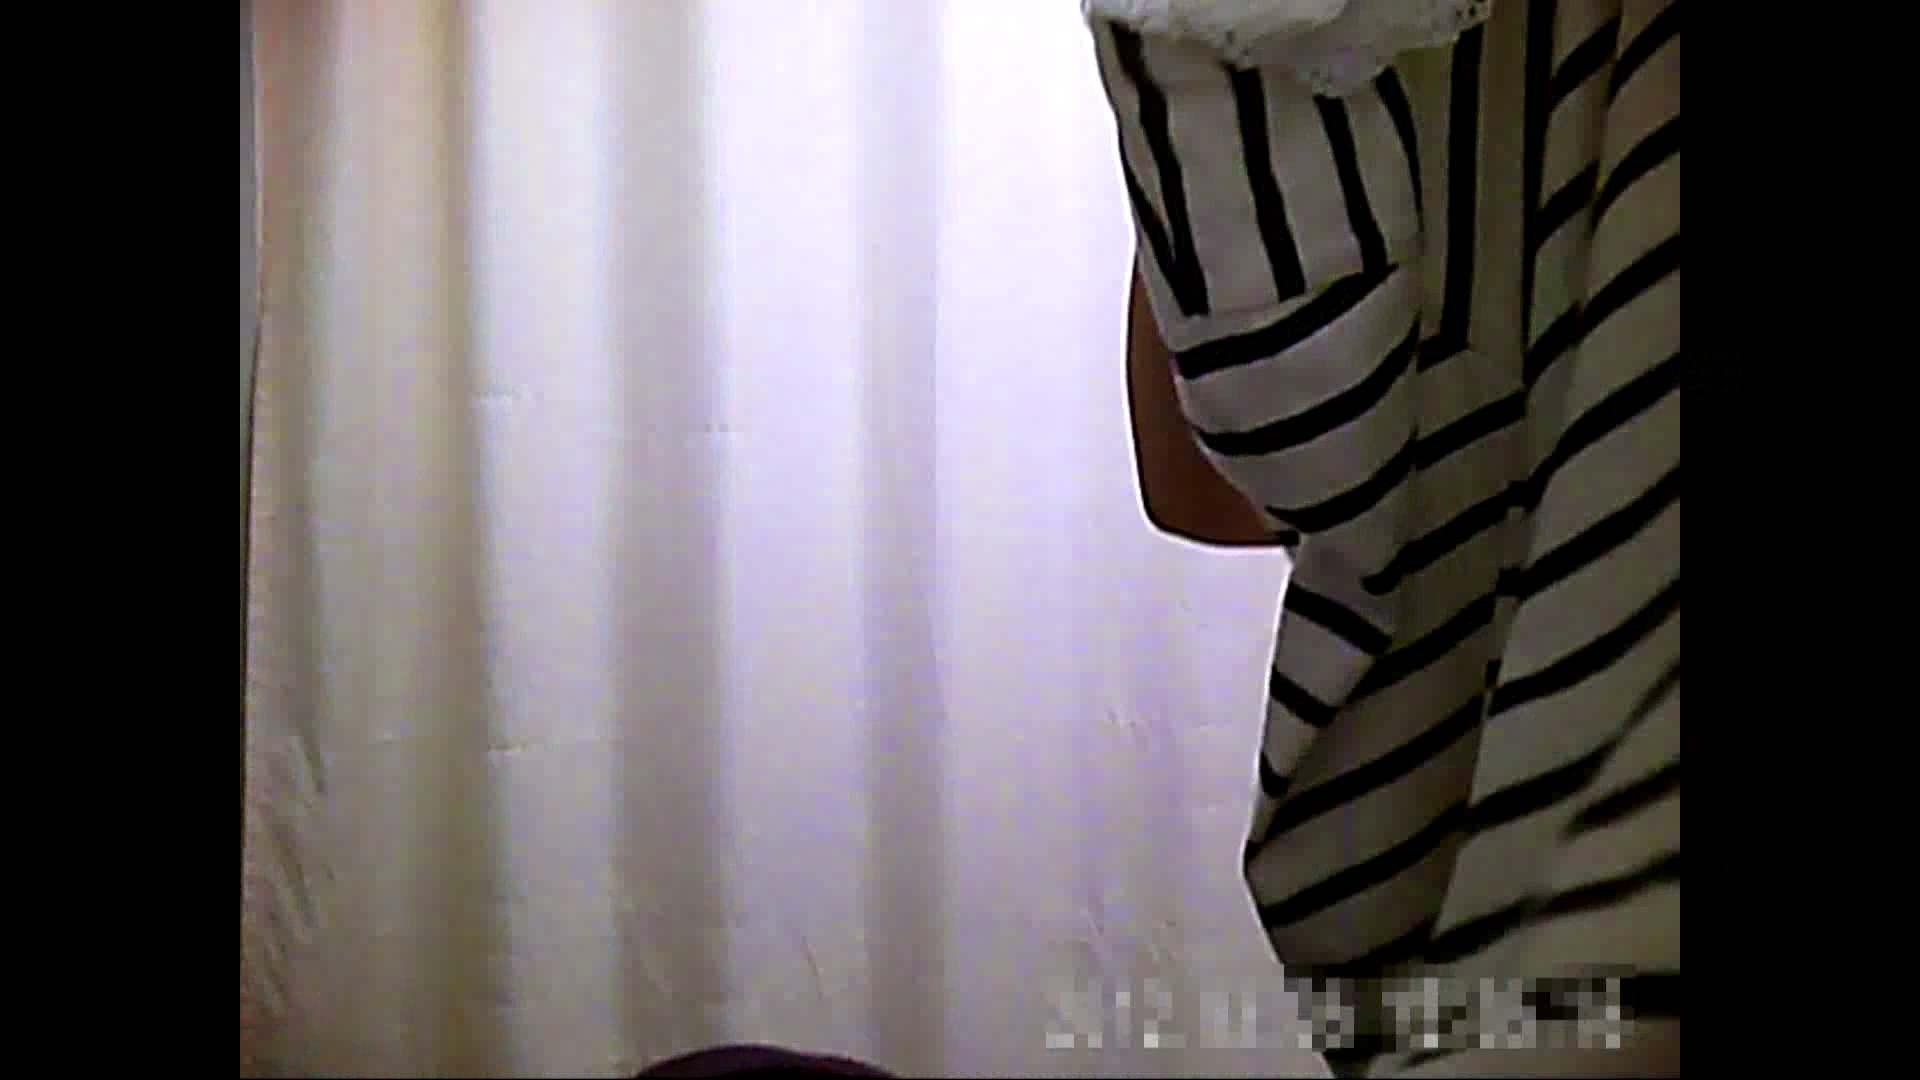 無修正ヌード|元医者による反抗 更衣室地獄絵巻 vol.032|怪盗ジョーカー